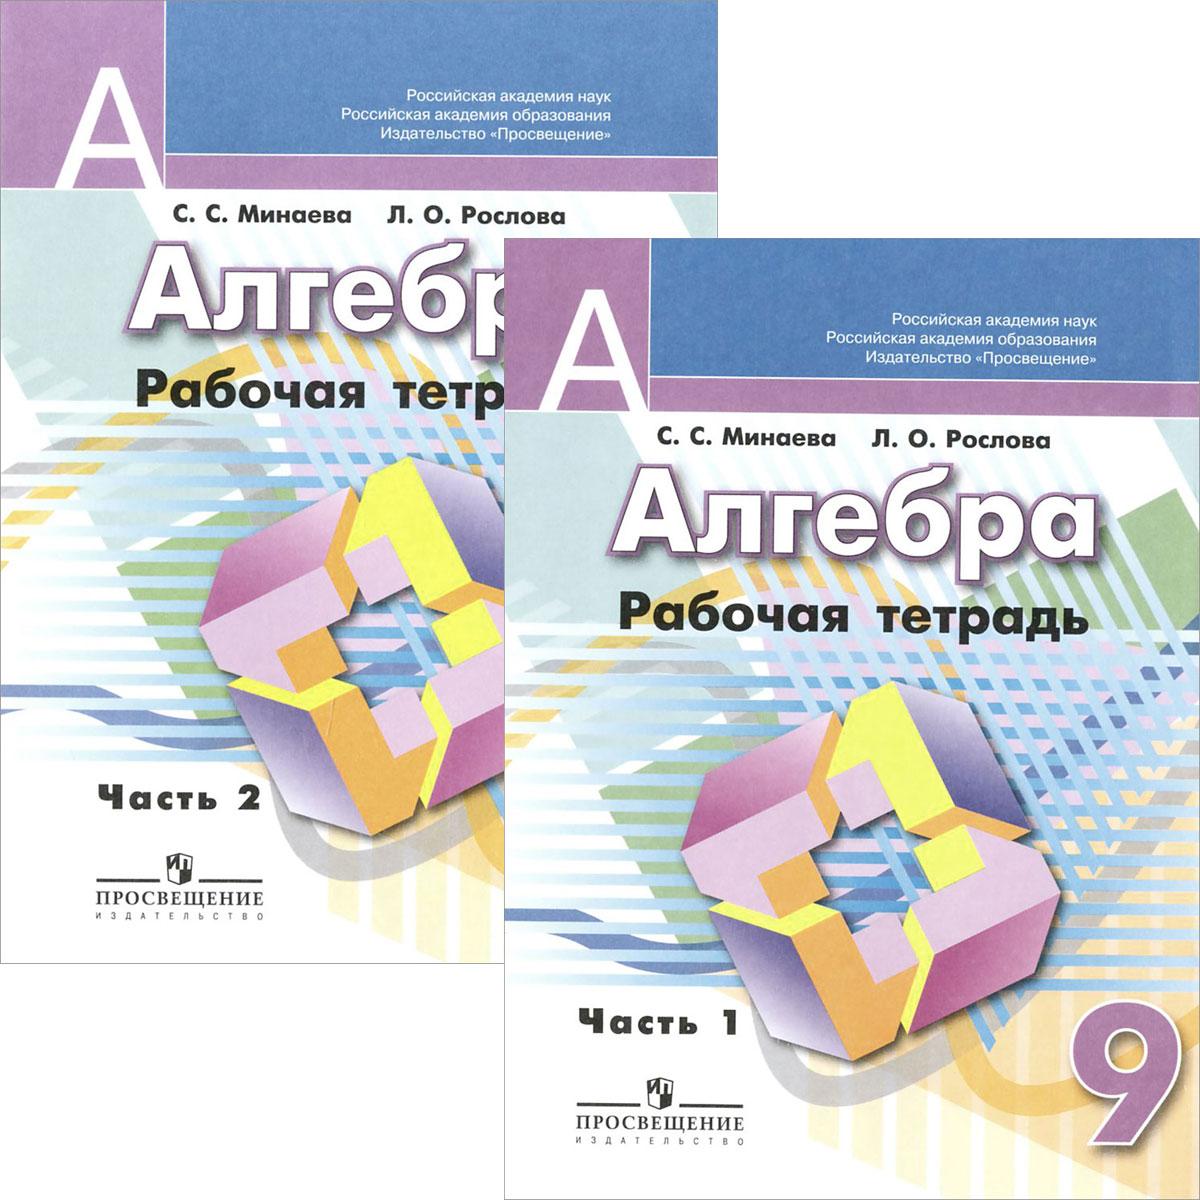 С. С. Минаева, Л. О. Рослова Алгебра. 9 класс. Рабочая тетрадь. В 2 частях (комплект)